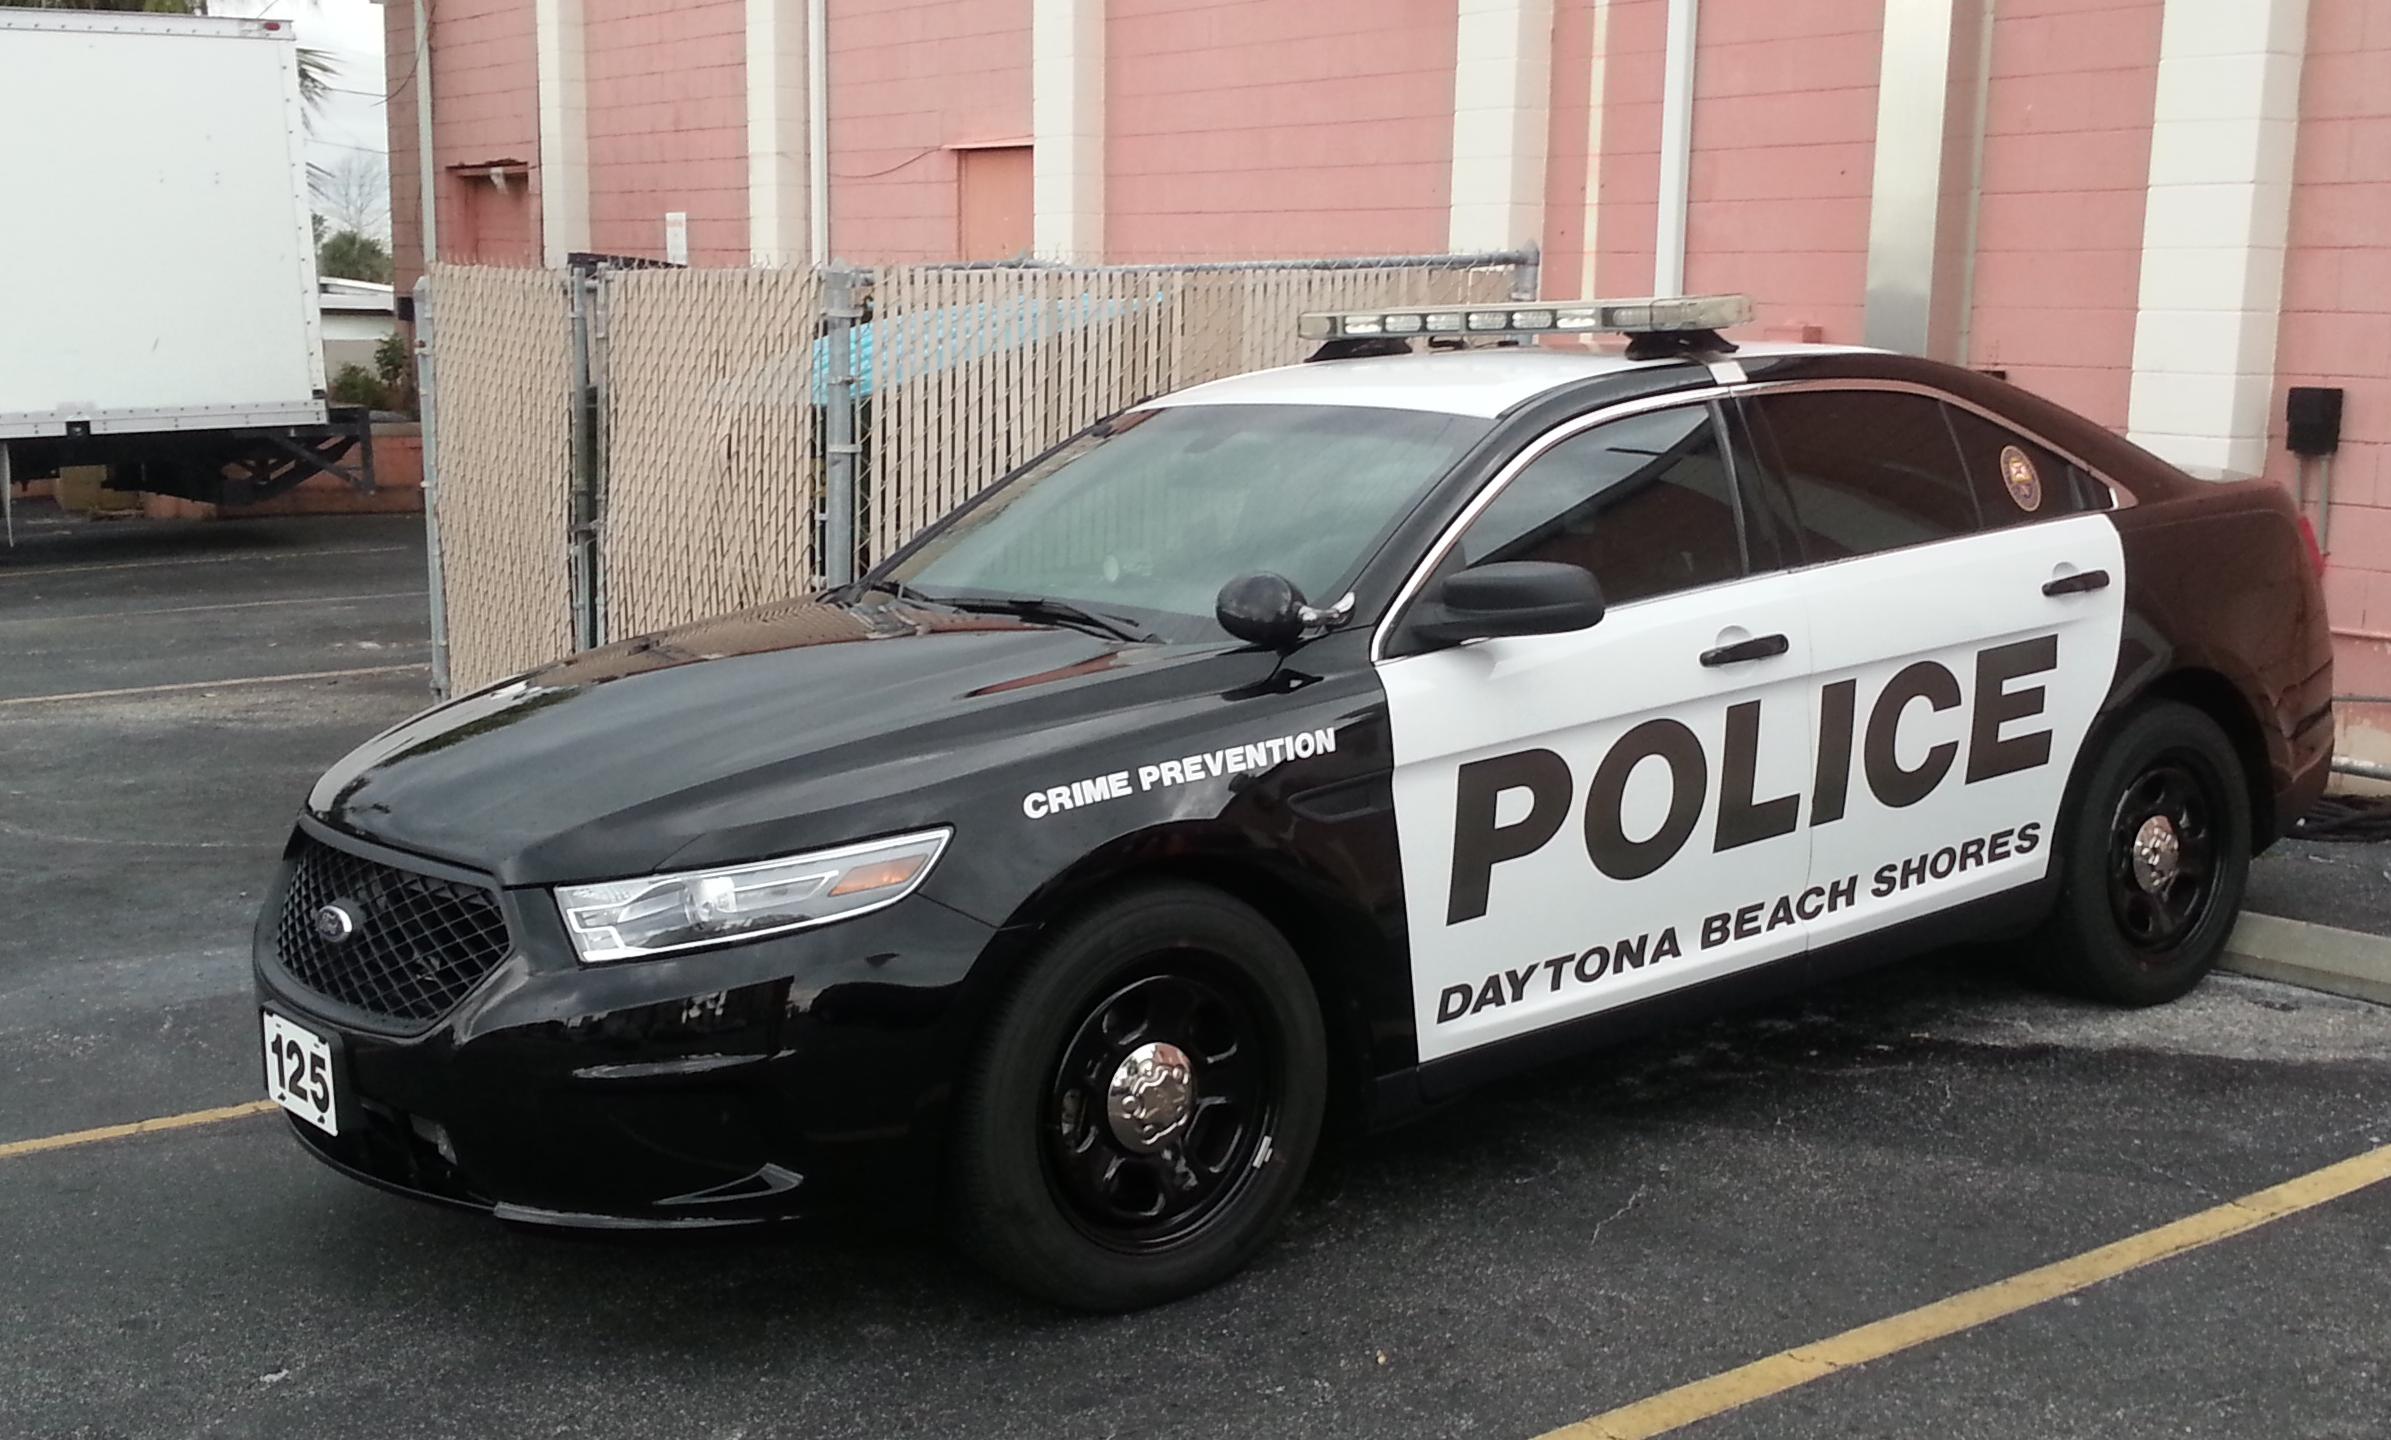 Daytona Beach Shores Police Salary